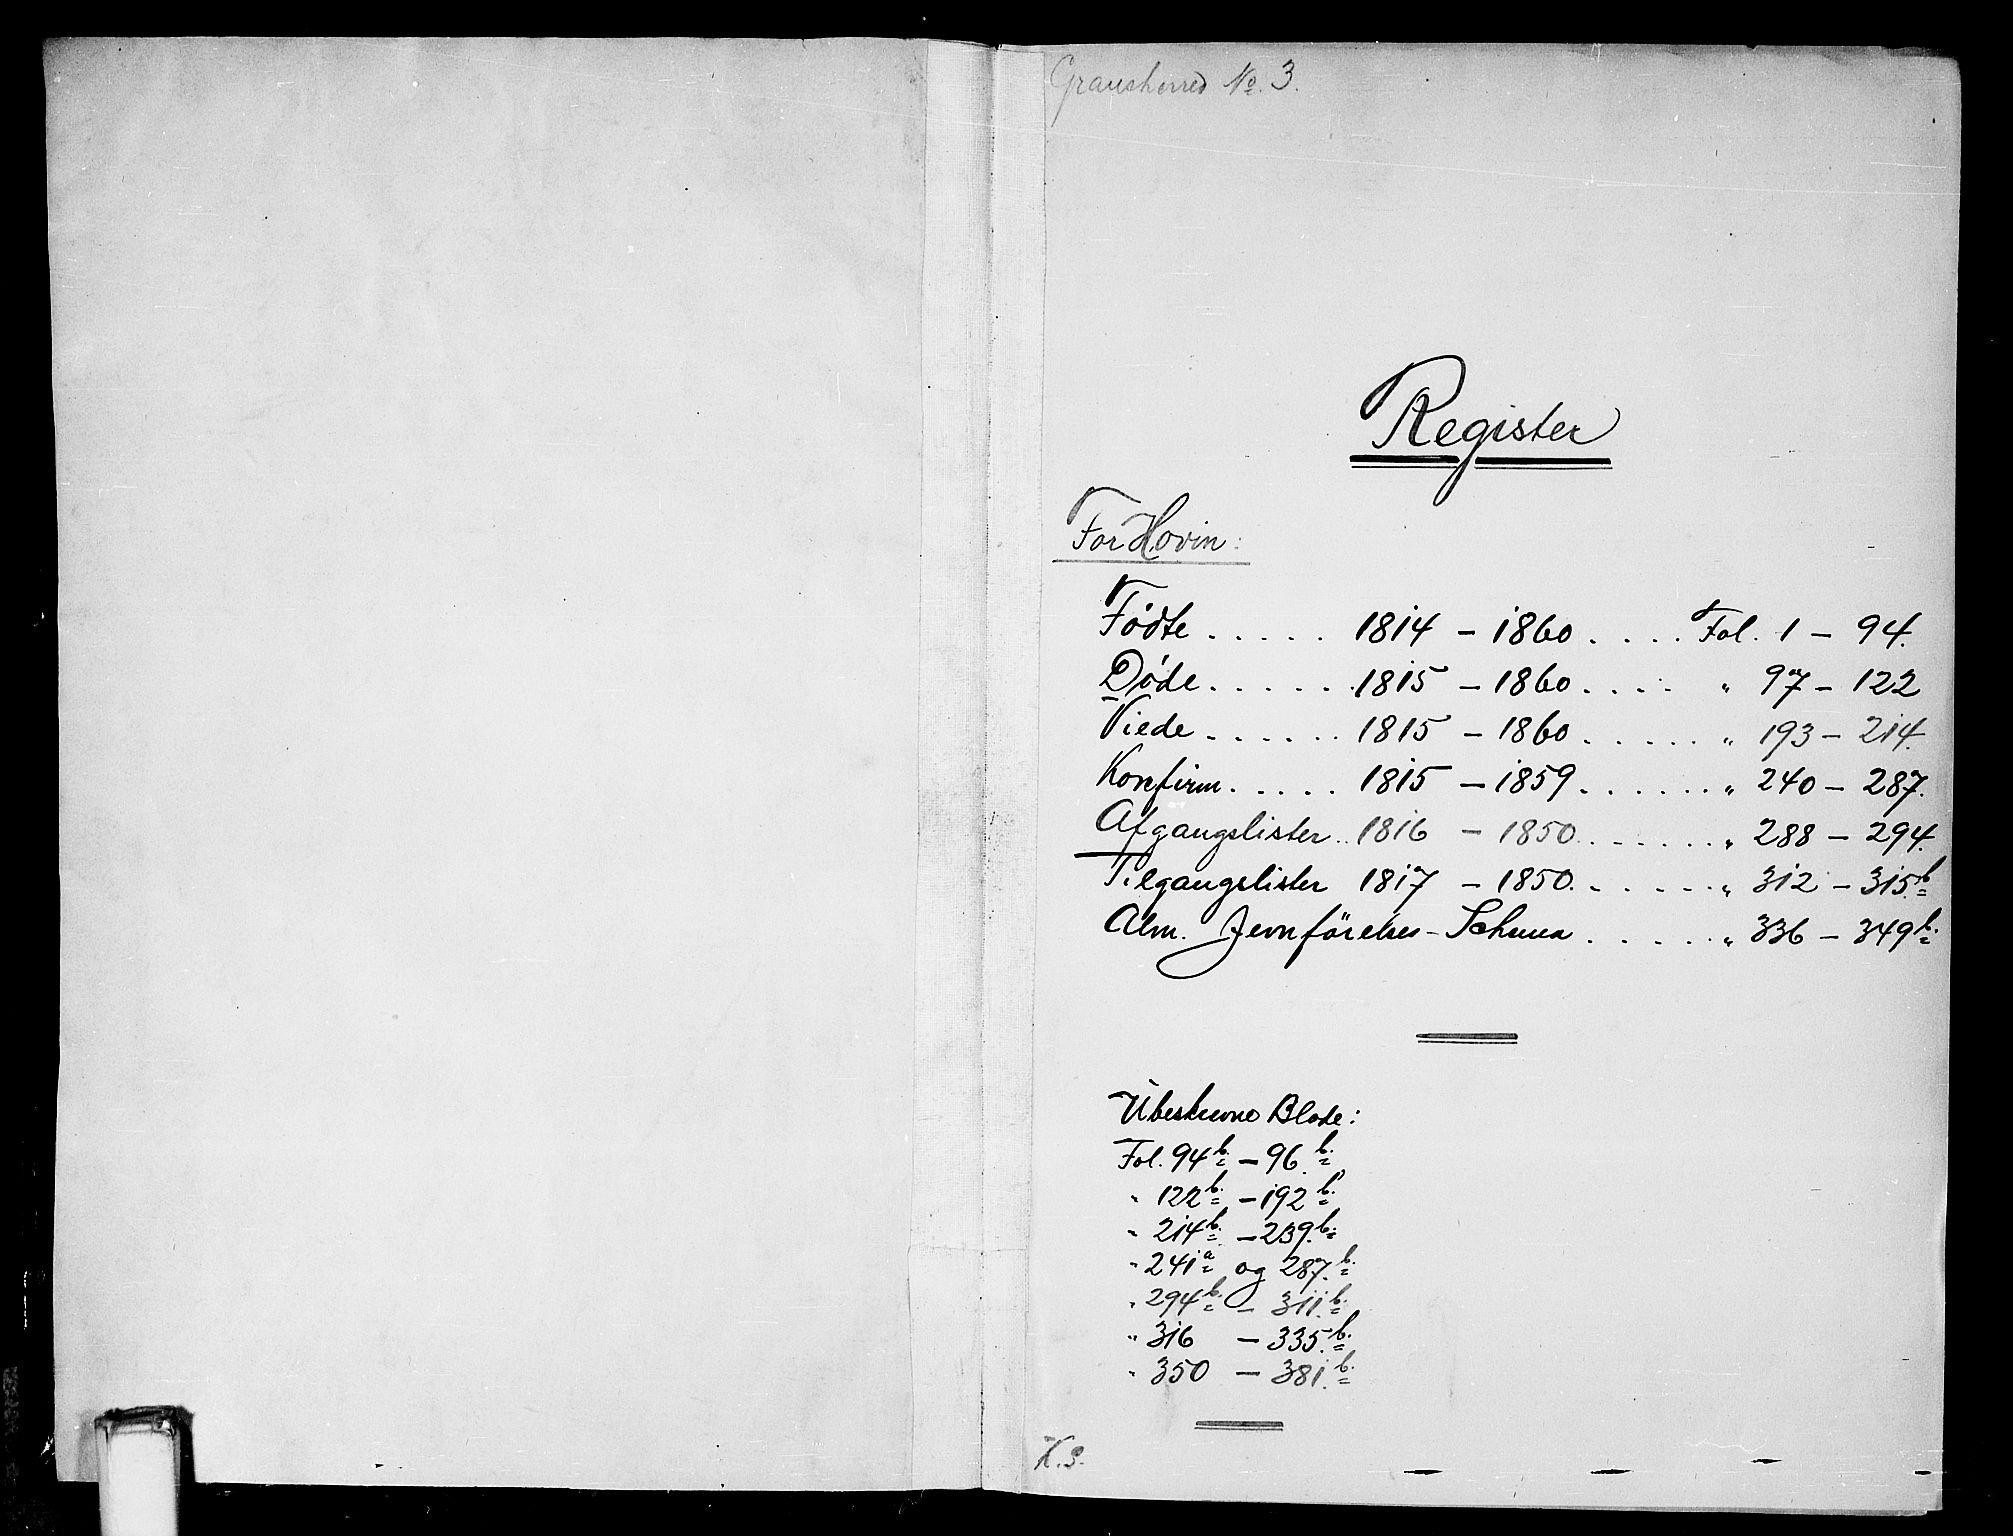 SAKO, Gransherad kirkebøker, G/Gb/L0001: Klokkerbok nr. II 1, 1815-1860